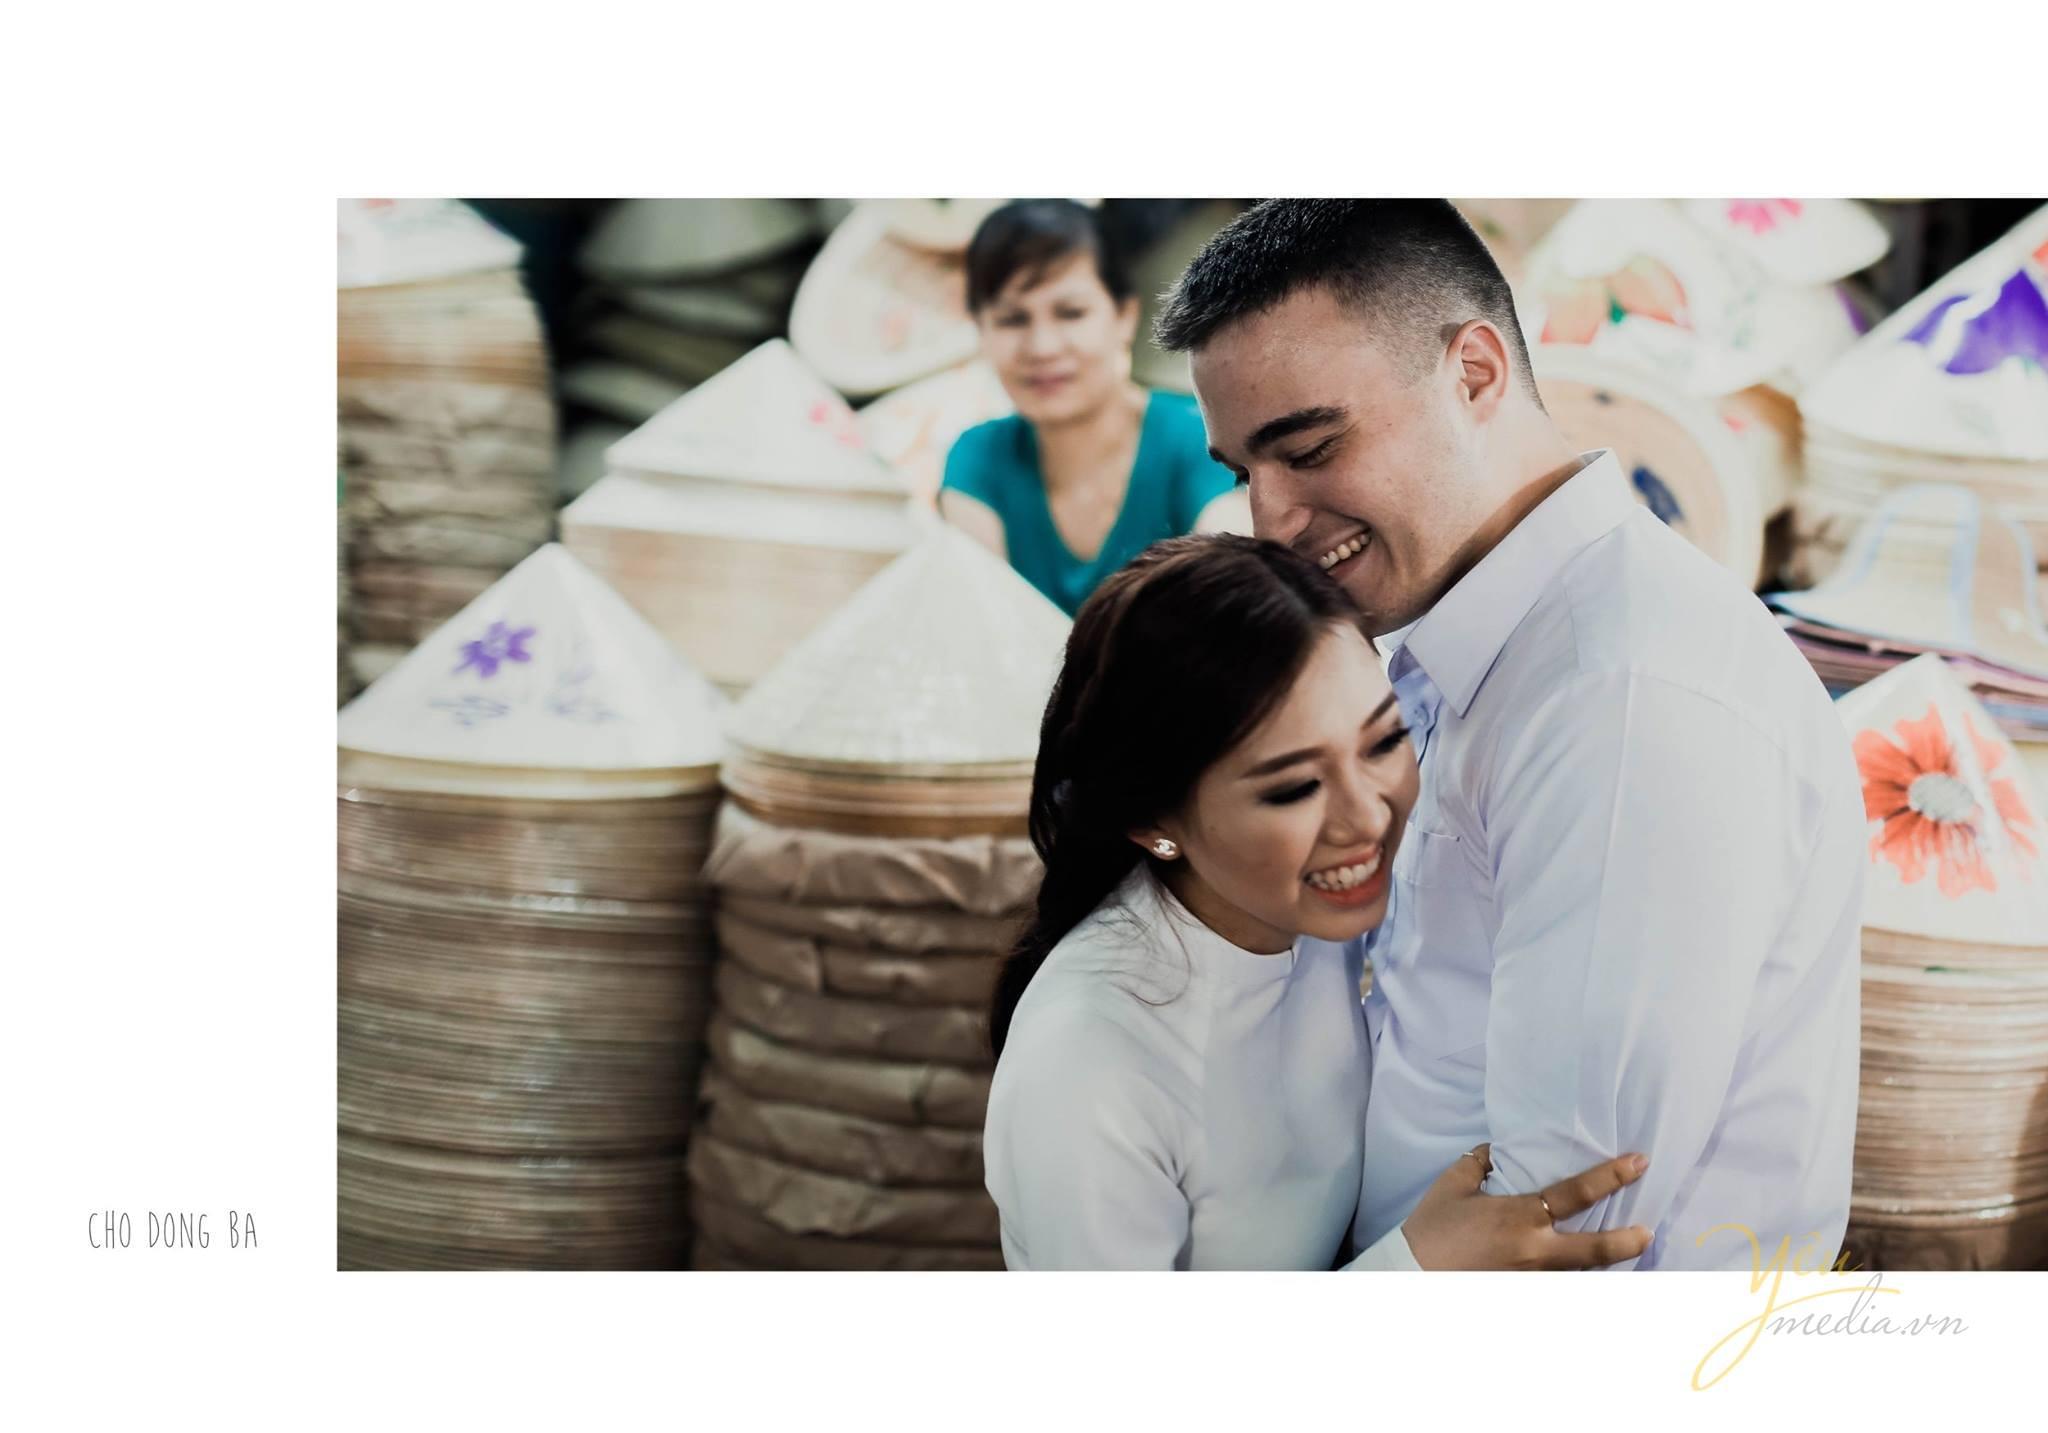 ảnh cưới chụp áo dài trắng cạnh hàng bán nón lá việt Nam